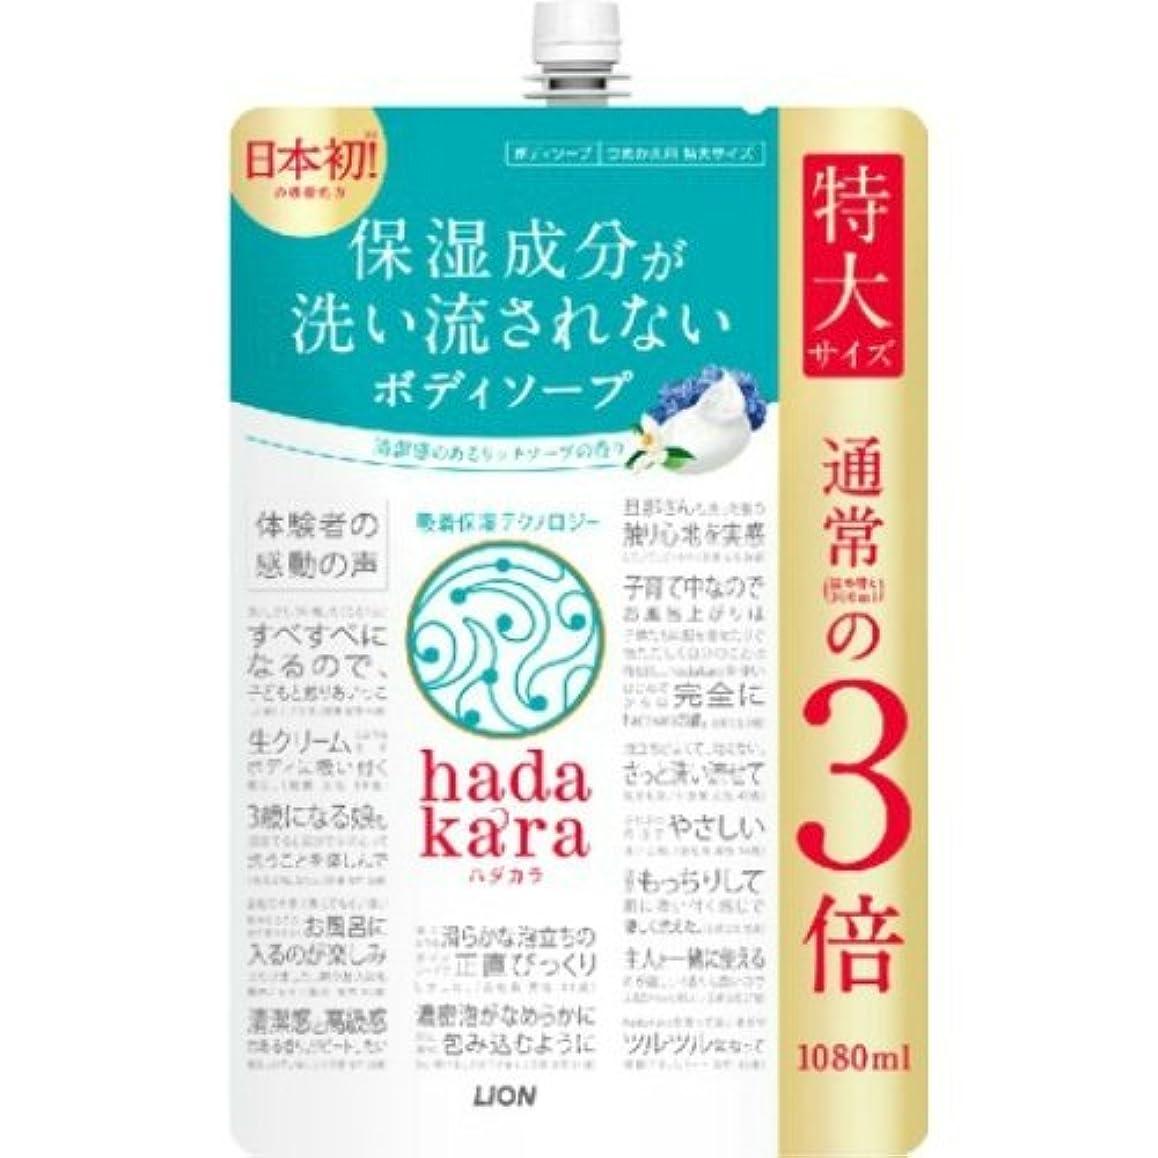 ぐるぐる中止しますアスリートLION ライオン hadakara ハダカラ ボディソープ リッチソープの香り つめかえ用 特大サイズ 1080ml ×006点セット(4903301260882)